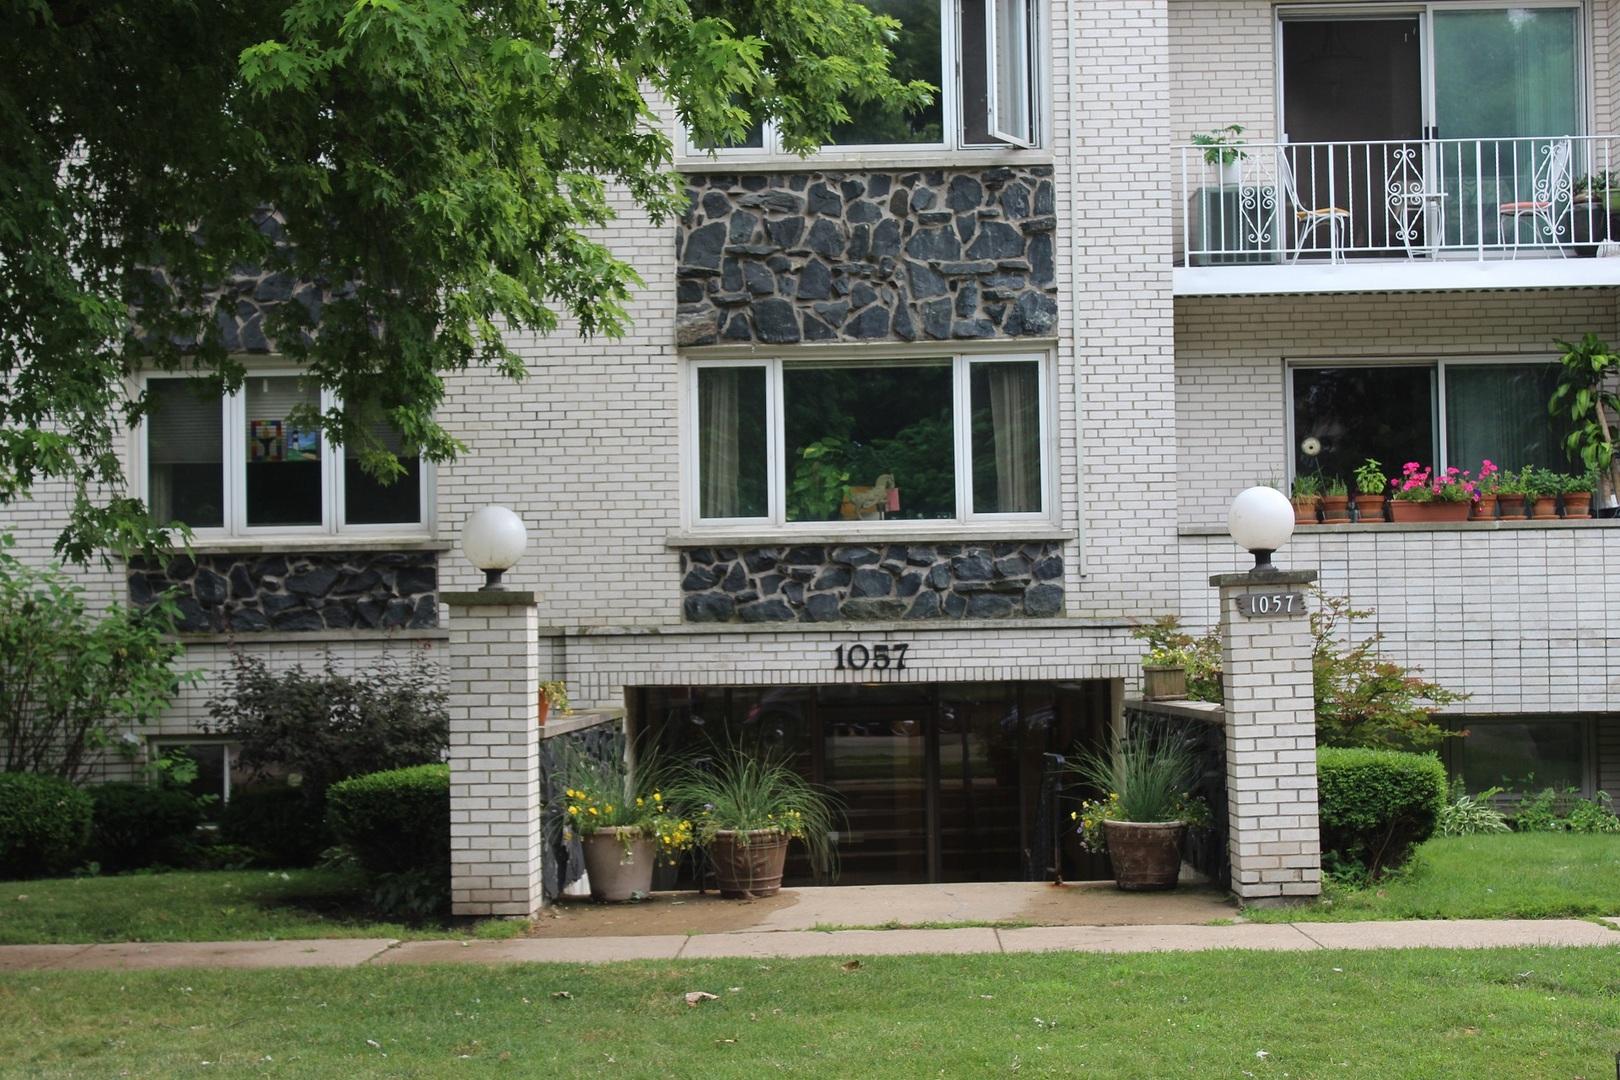 1057 W Pratt Exterior Photo